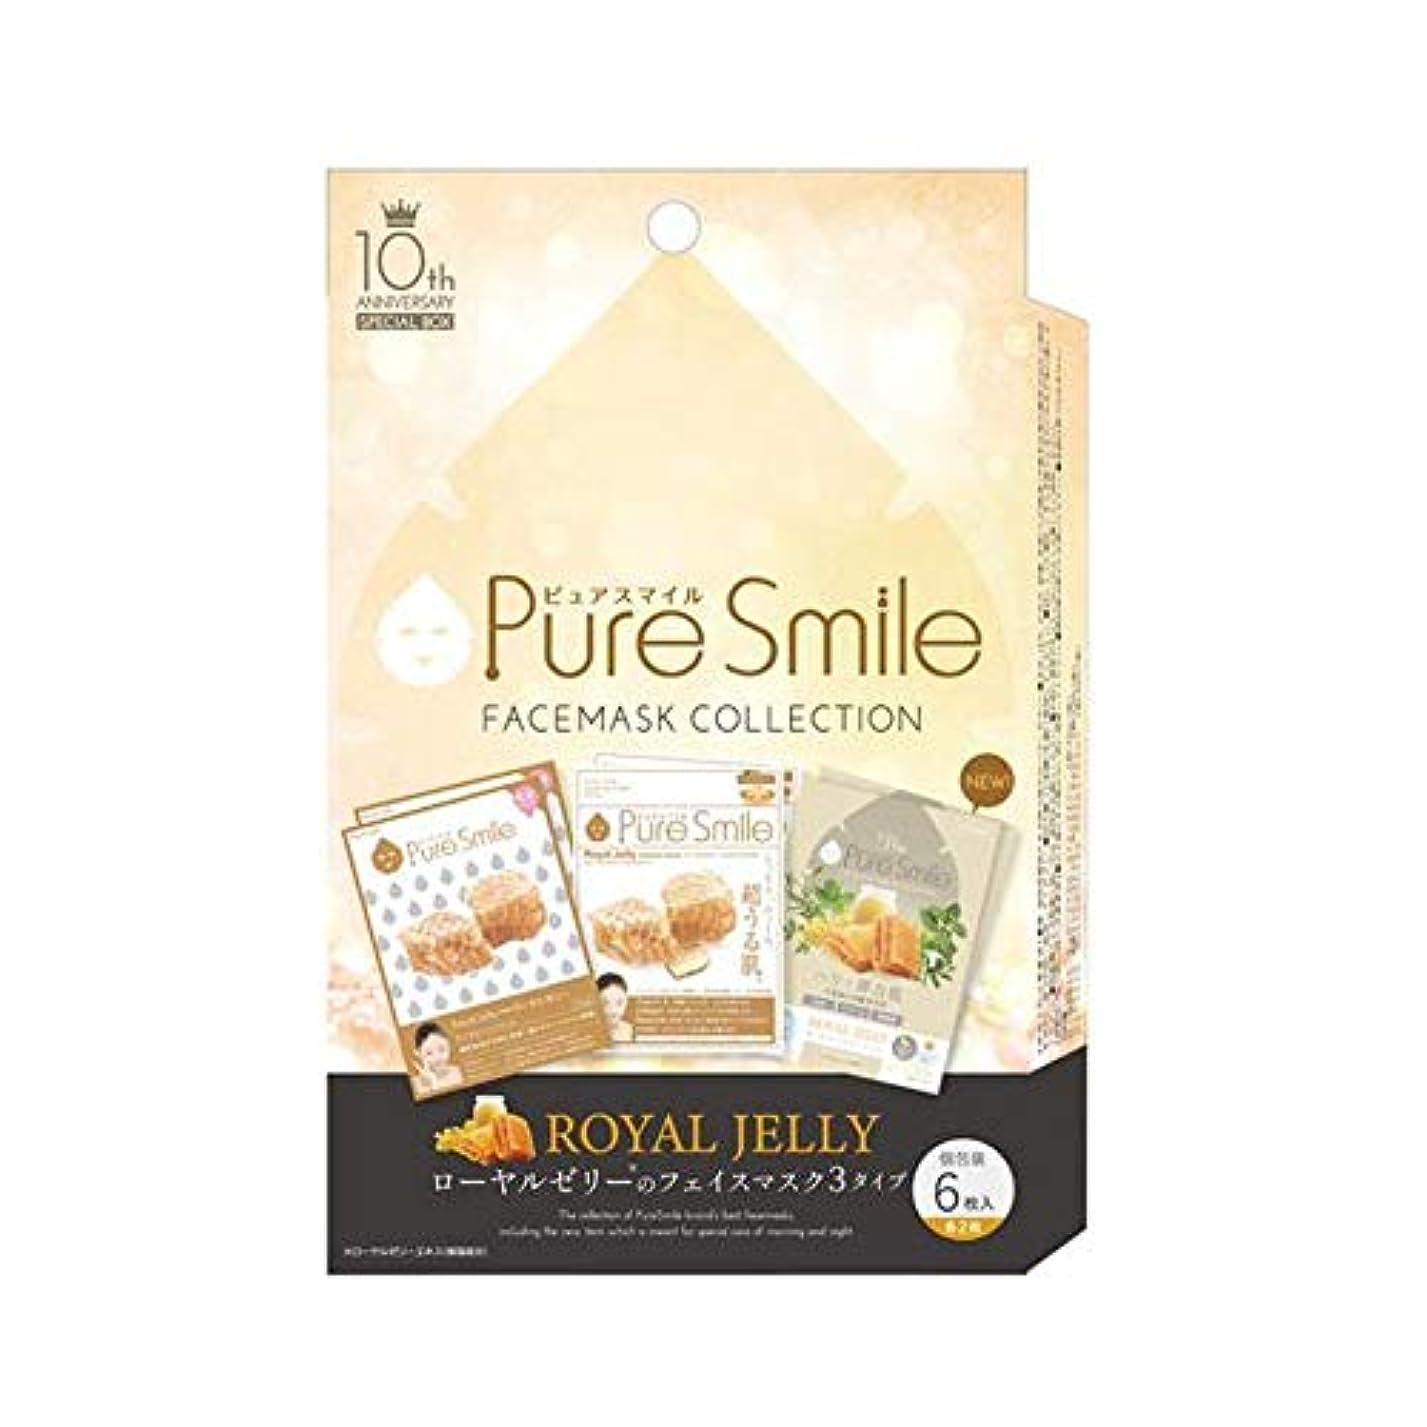 高度な想像する贈り物ピュア スマイル Pure Smile 10thアニバーサリー スペシャルボックス ローヤルゼリーエキス 6枚入り